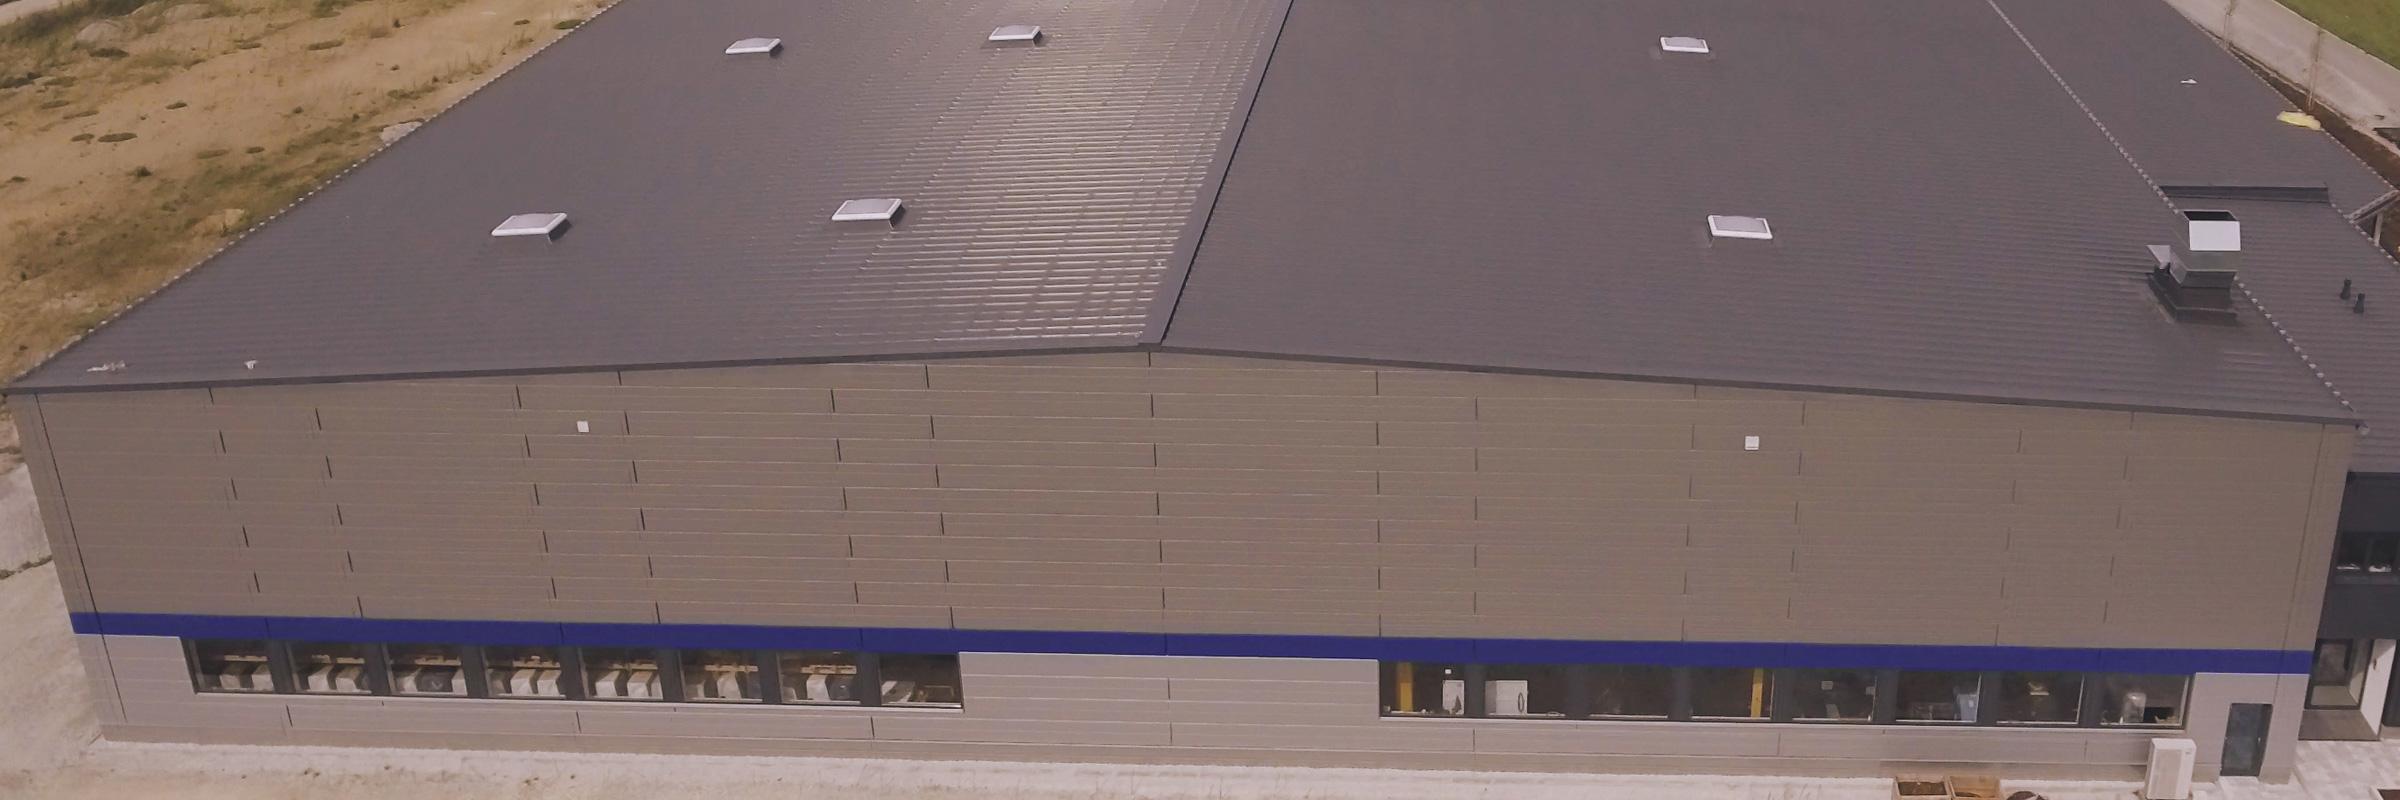 Fassade Hoffman Firmengruppe - Partner für Dach, Fassade, Haustechnik, Sanierung